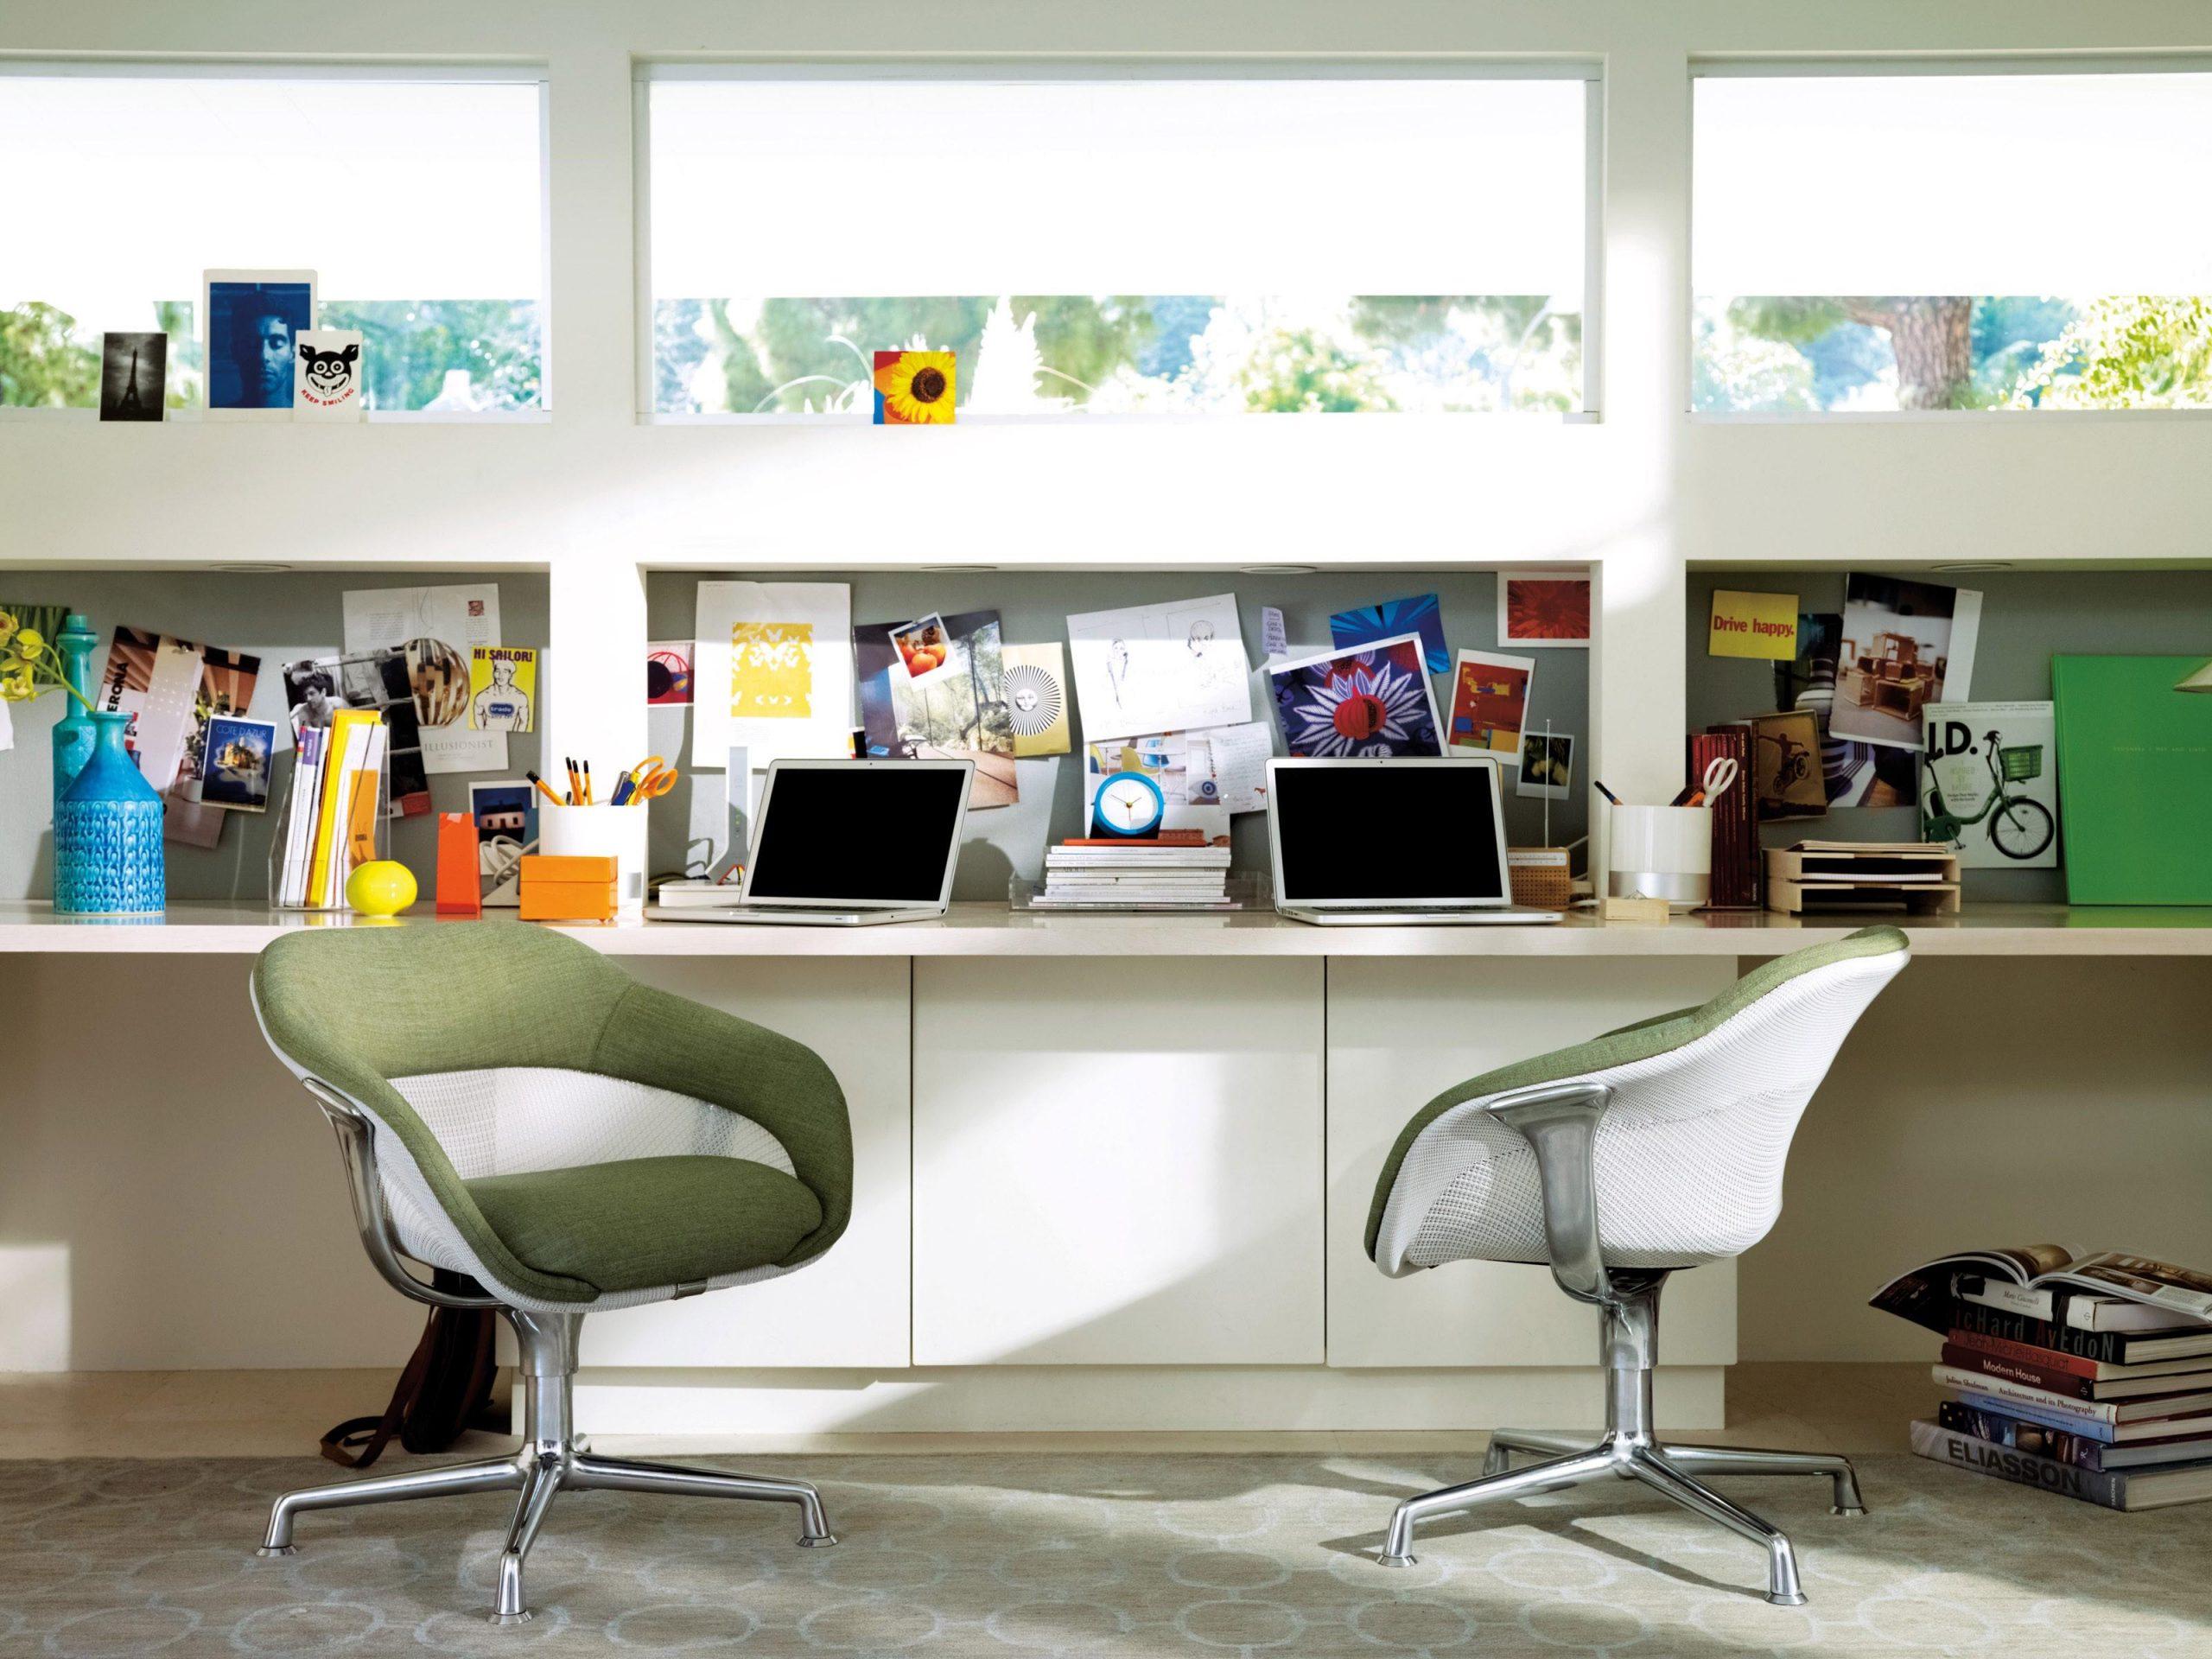 Full Size of Pinnwand Modern Im Arbeitszimmer Stuhl Brostuhl Schreib Deckenlampen Wohnzimmer Moderne Duschen Deckenleuchte Schlafzimmer Bilder Fürs Modernes Bett Esstisch Wohnzimmer Pinnwand Modern